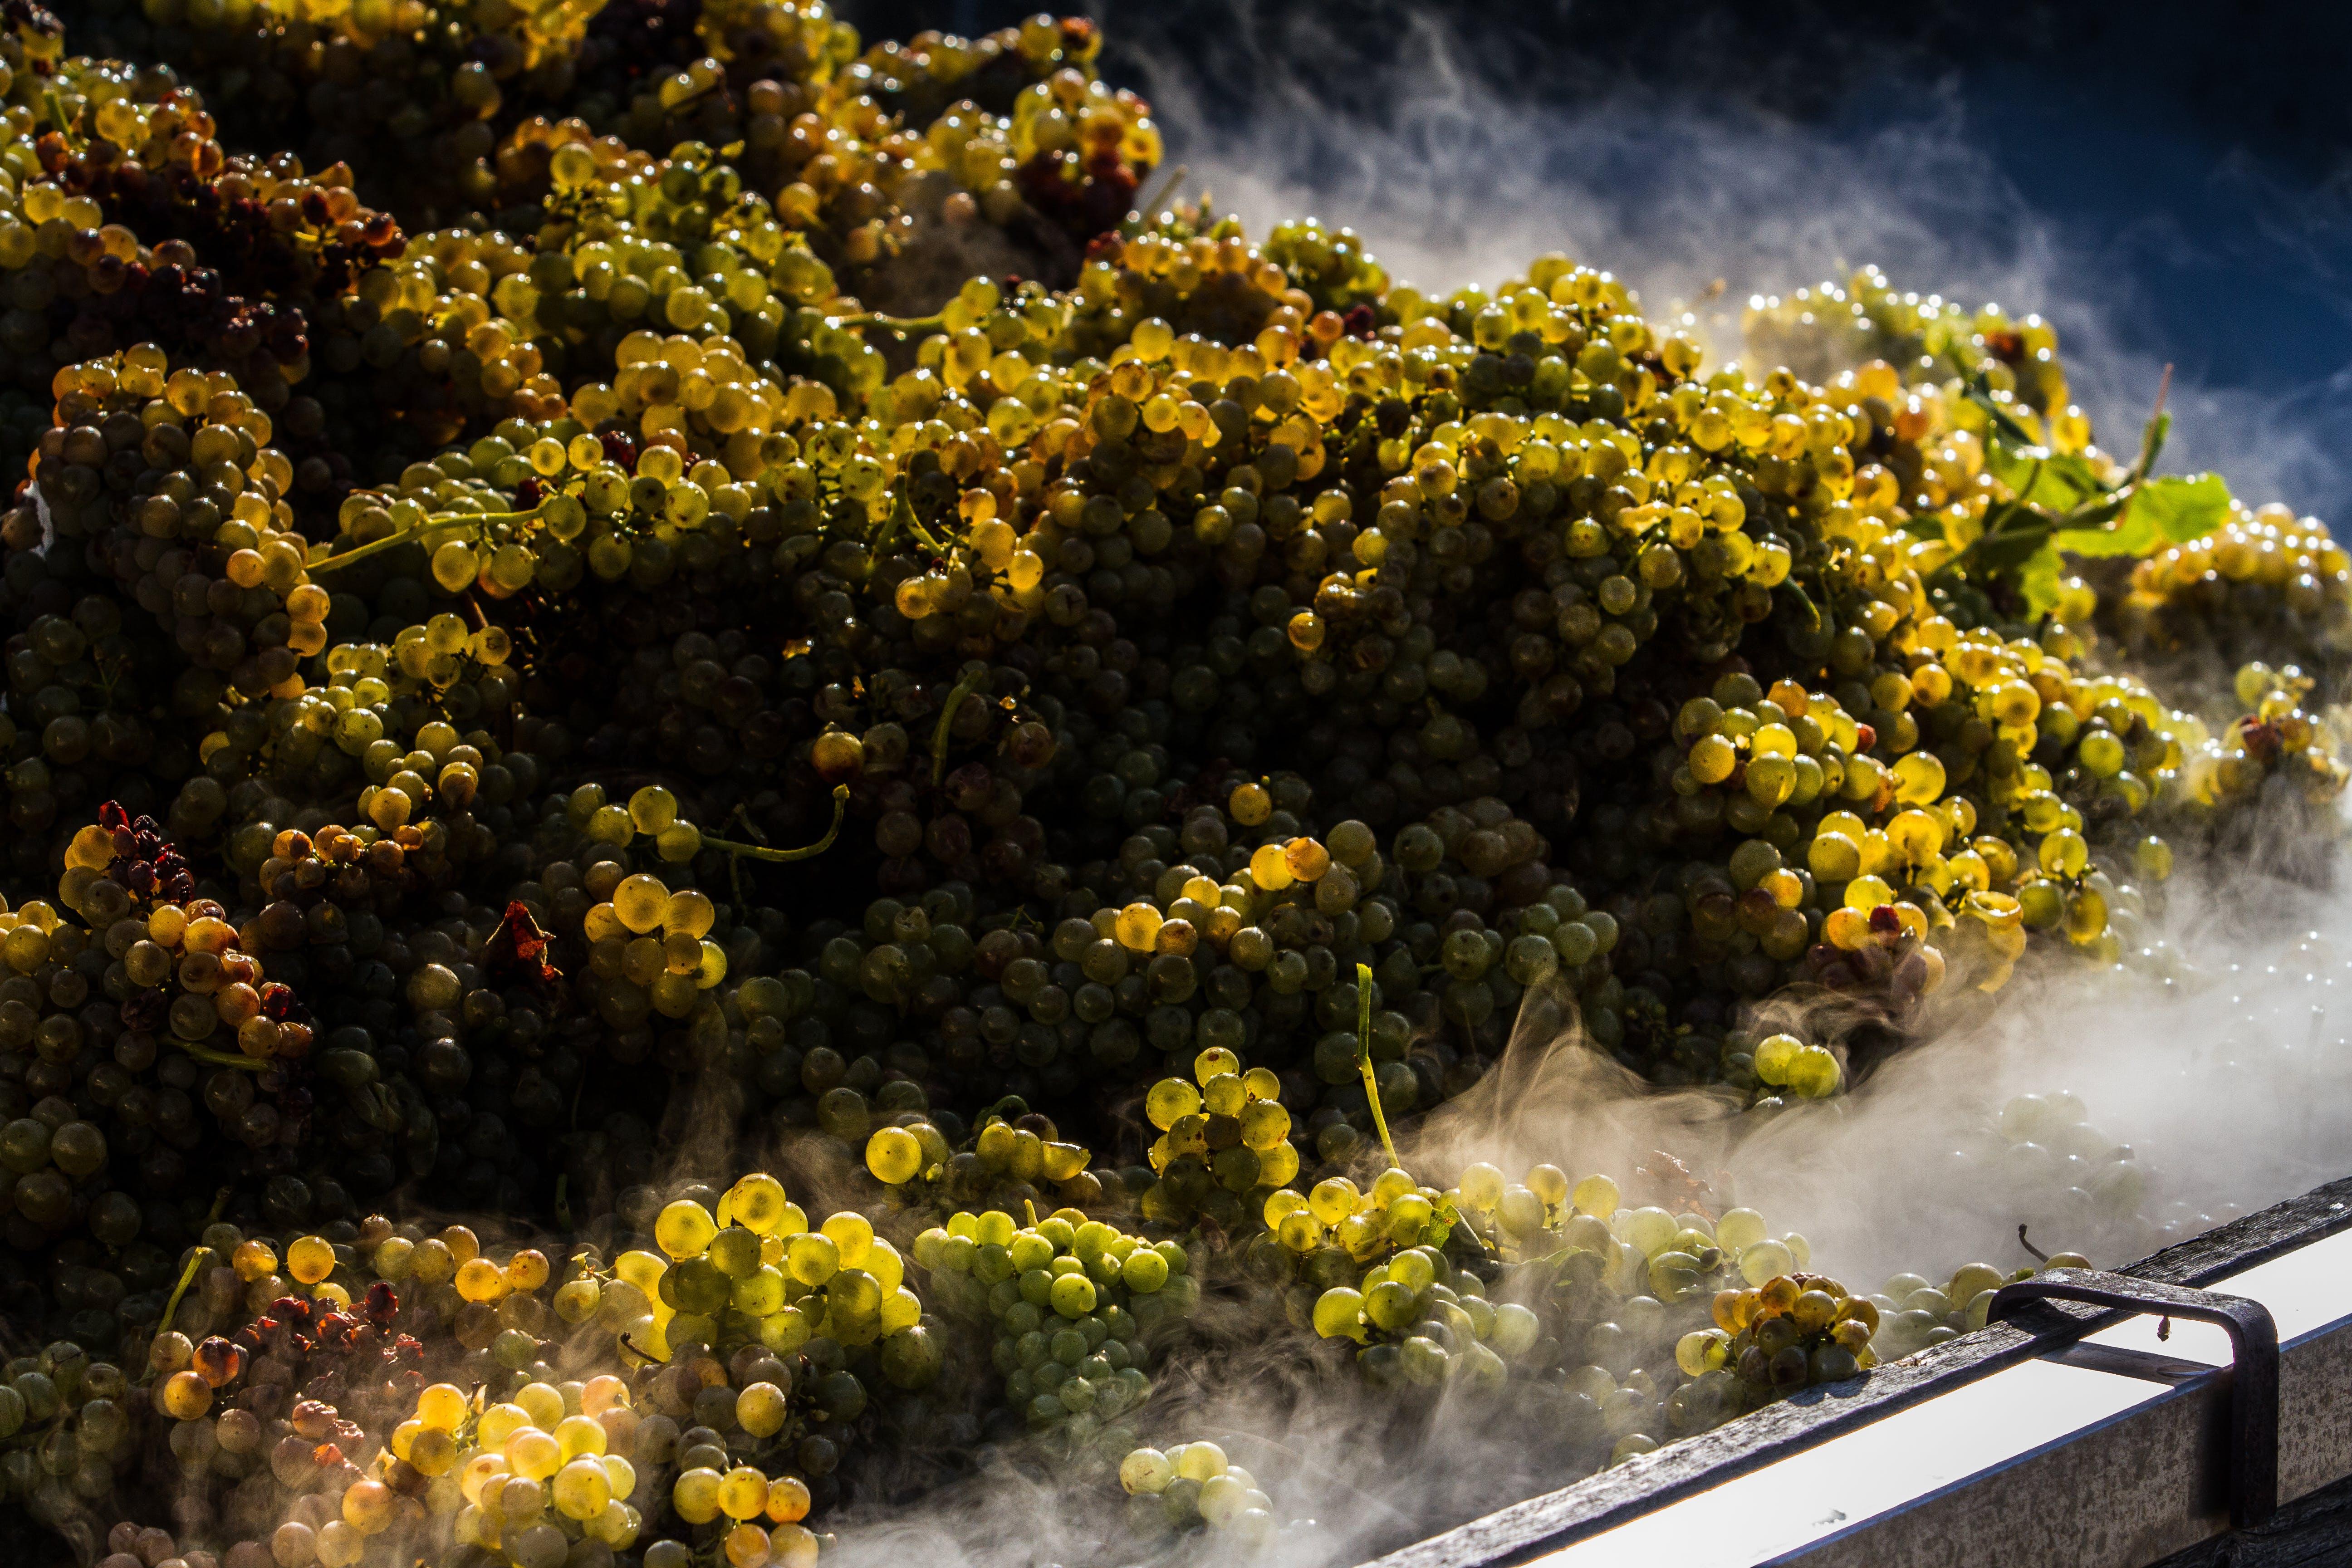 Gratis lagerfoto af drue høst, vin, vingård, vingård i italien